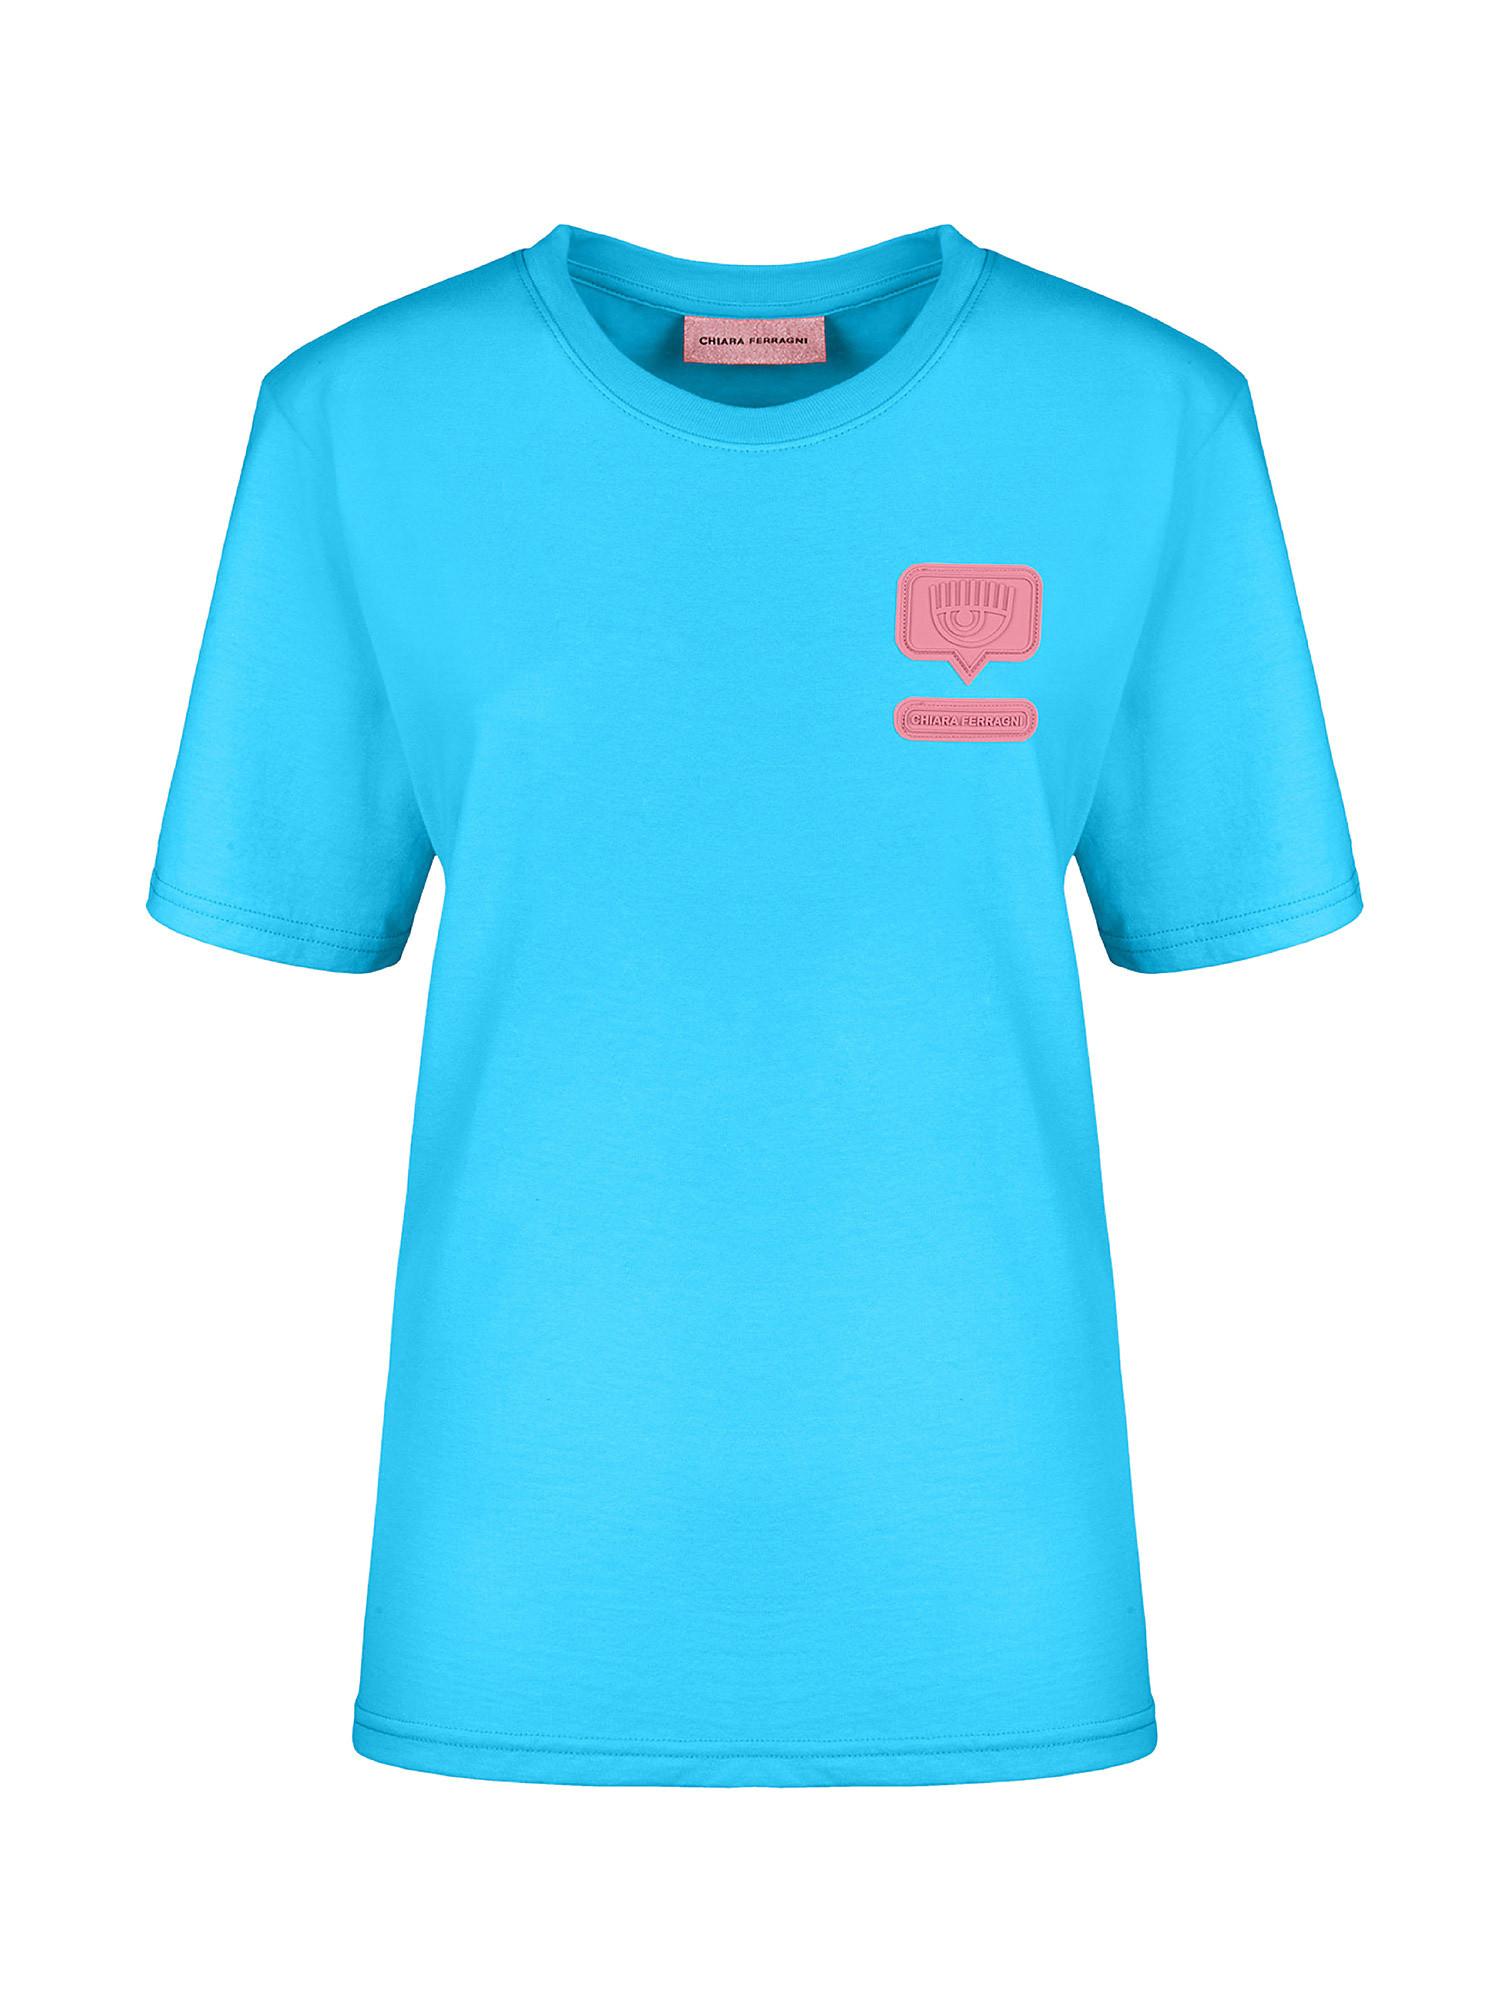 Eyelike patch T-Shirt over, Azzurro Oceano, large image number 0